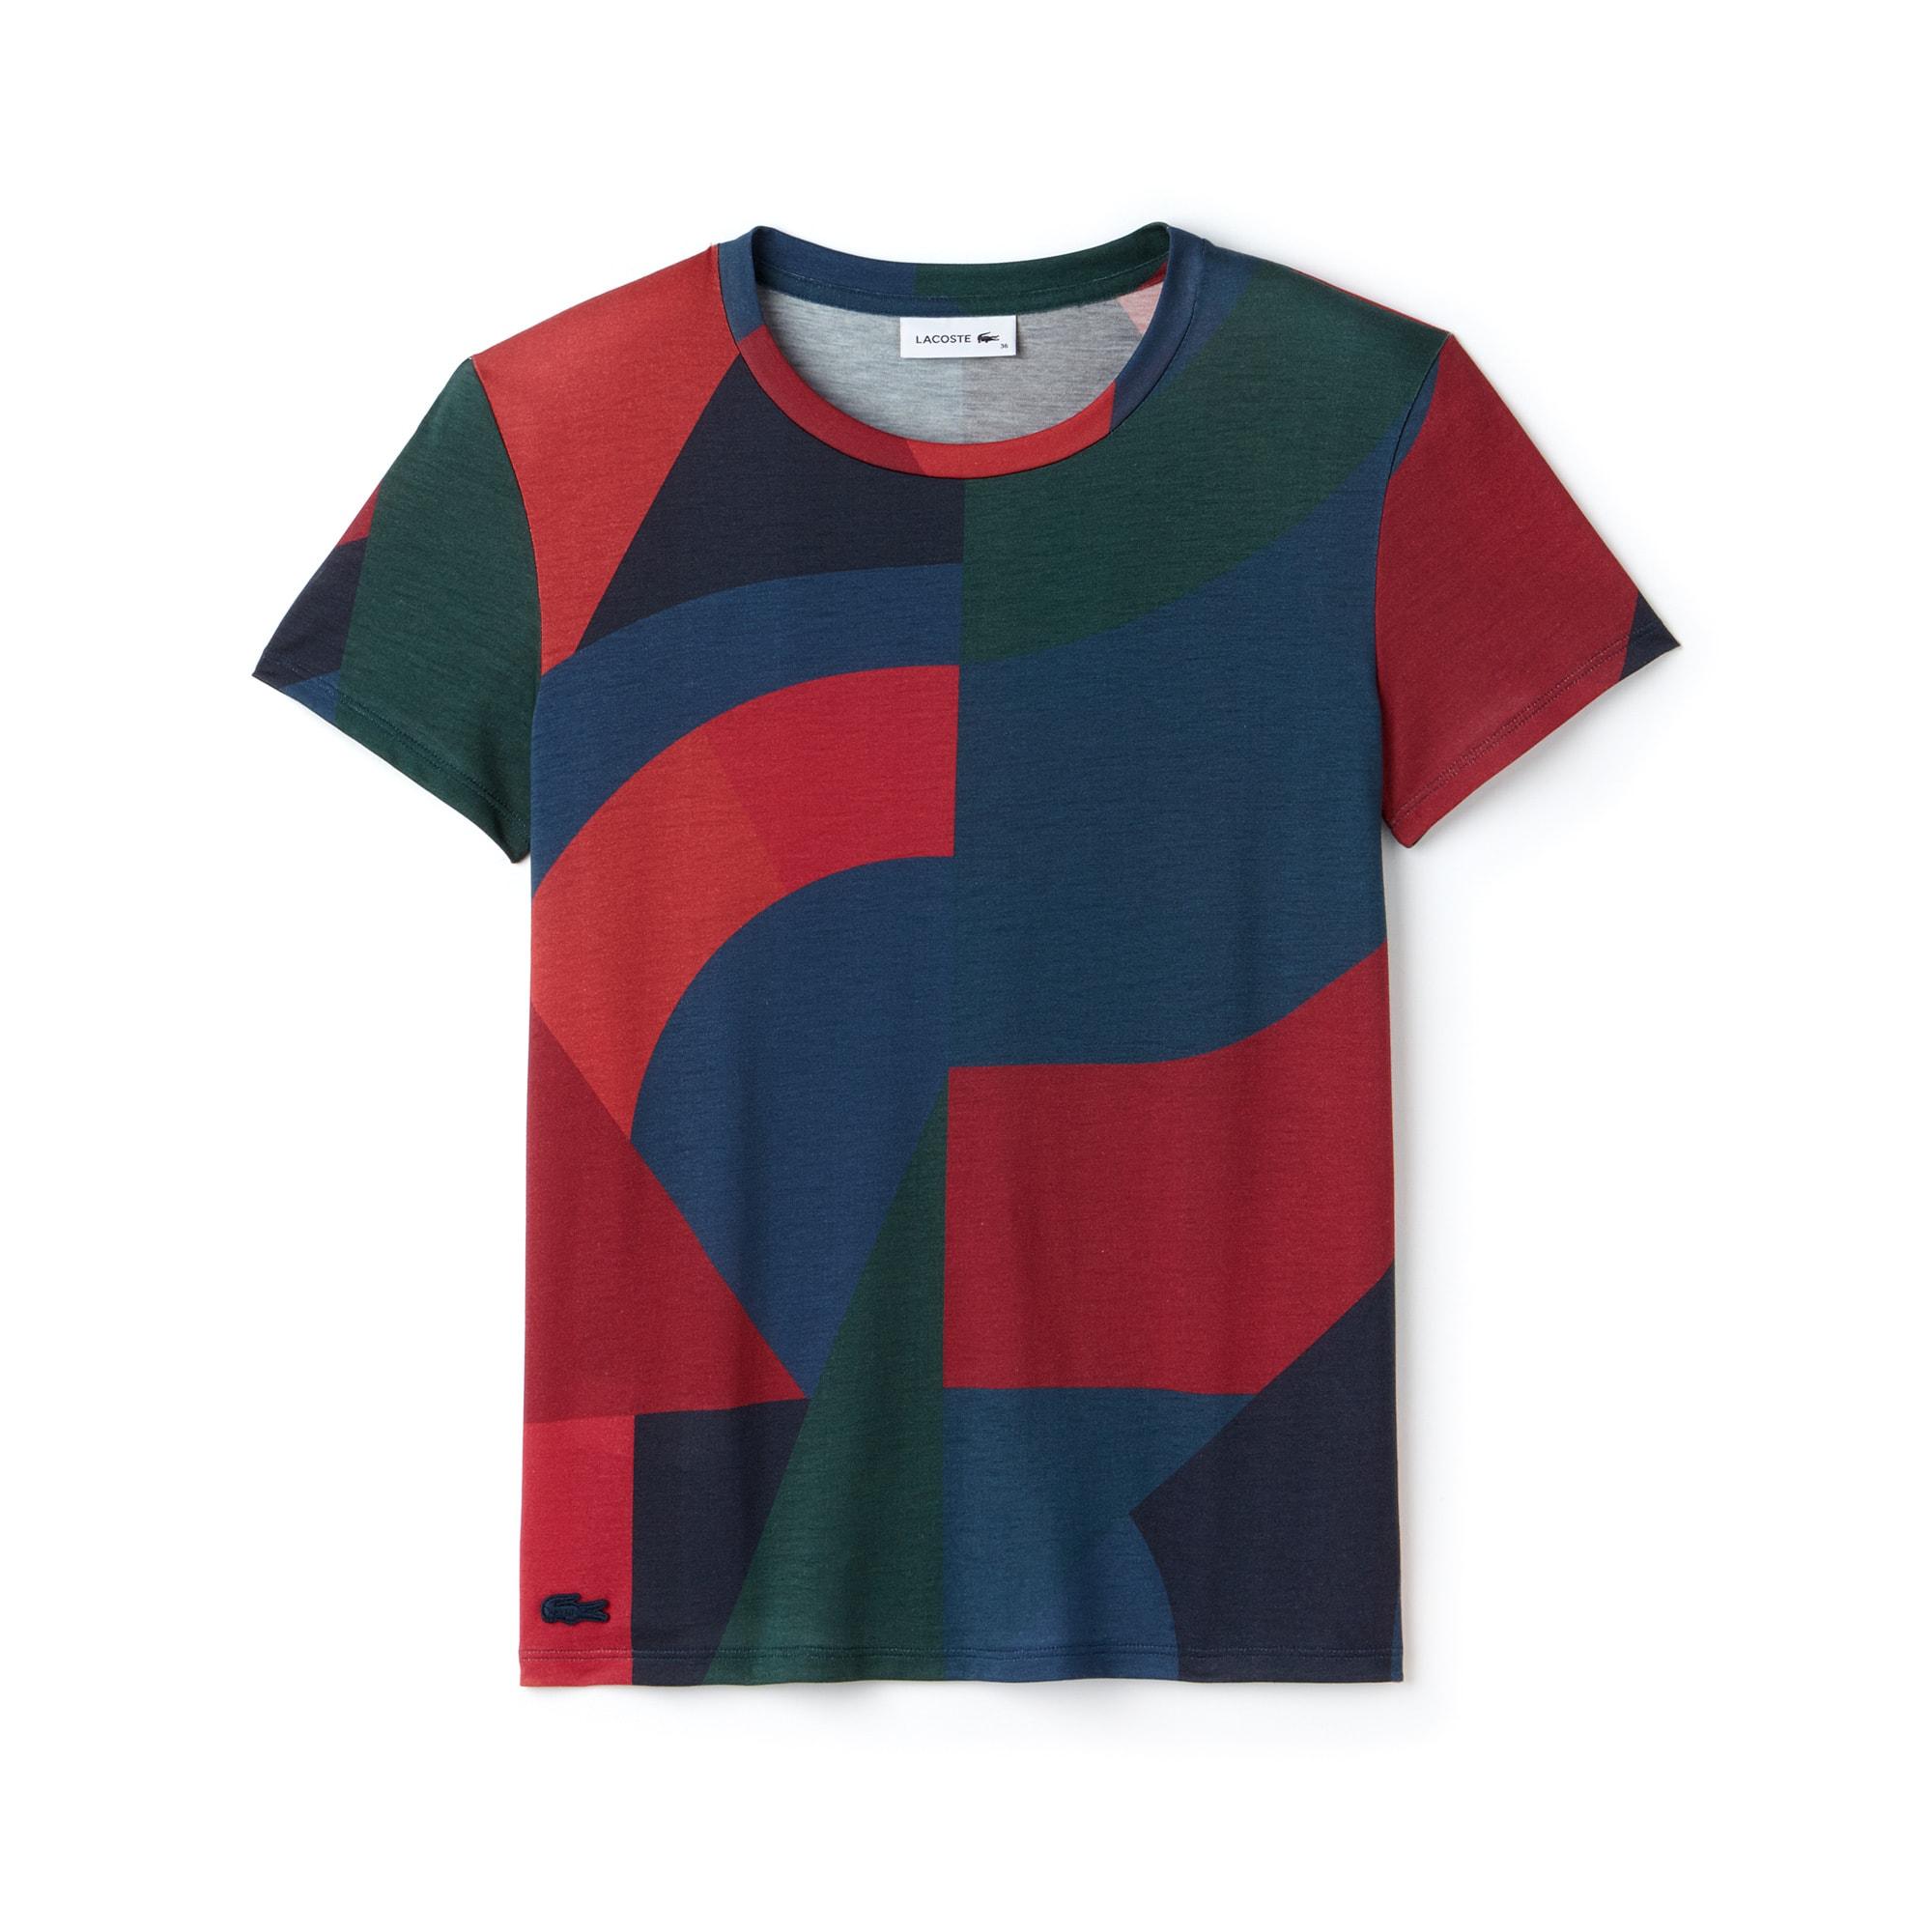 Camiseta De Mujer En Tejido De Punto De Algodón Y Lyocell Color Block Con Cuello Redondo